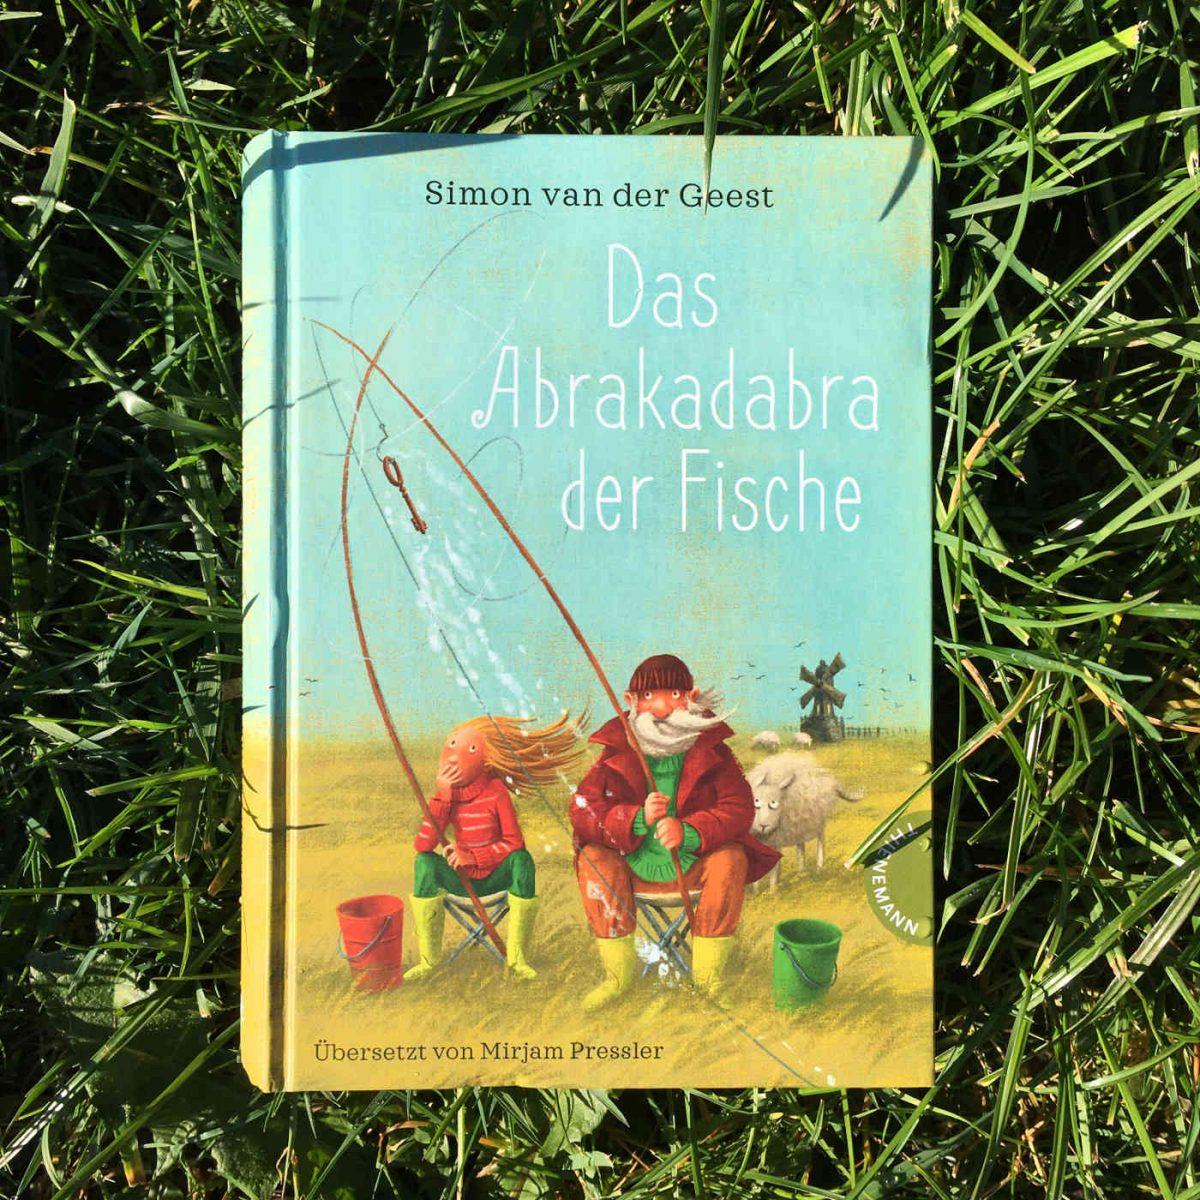 Ein spannendes, berührendes Kinderbuch der Extraklasse: Das Abrakadabra der Fische